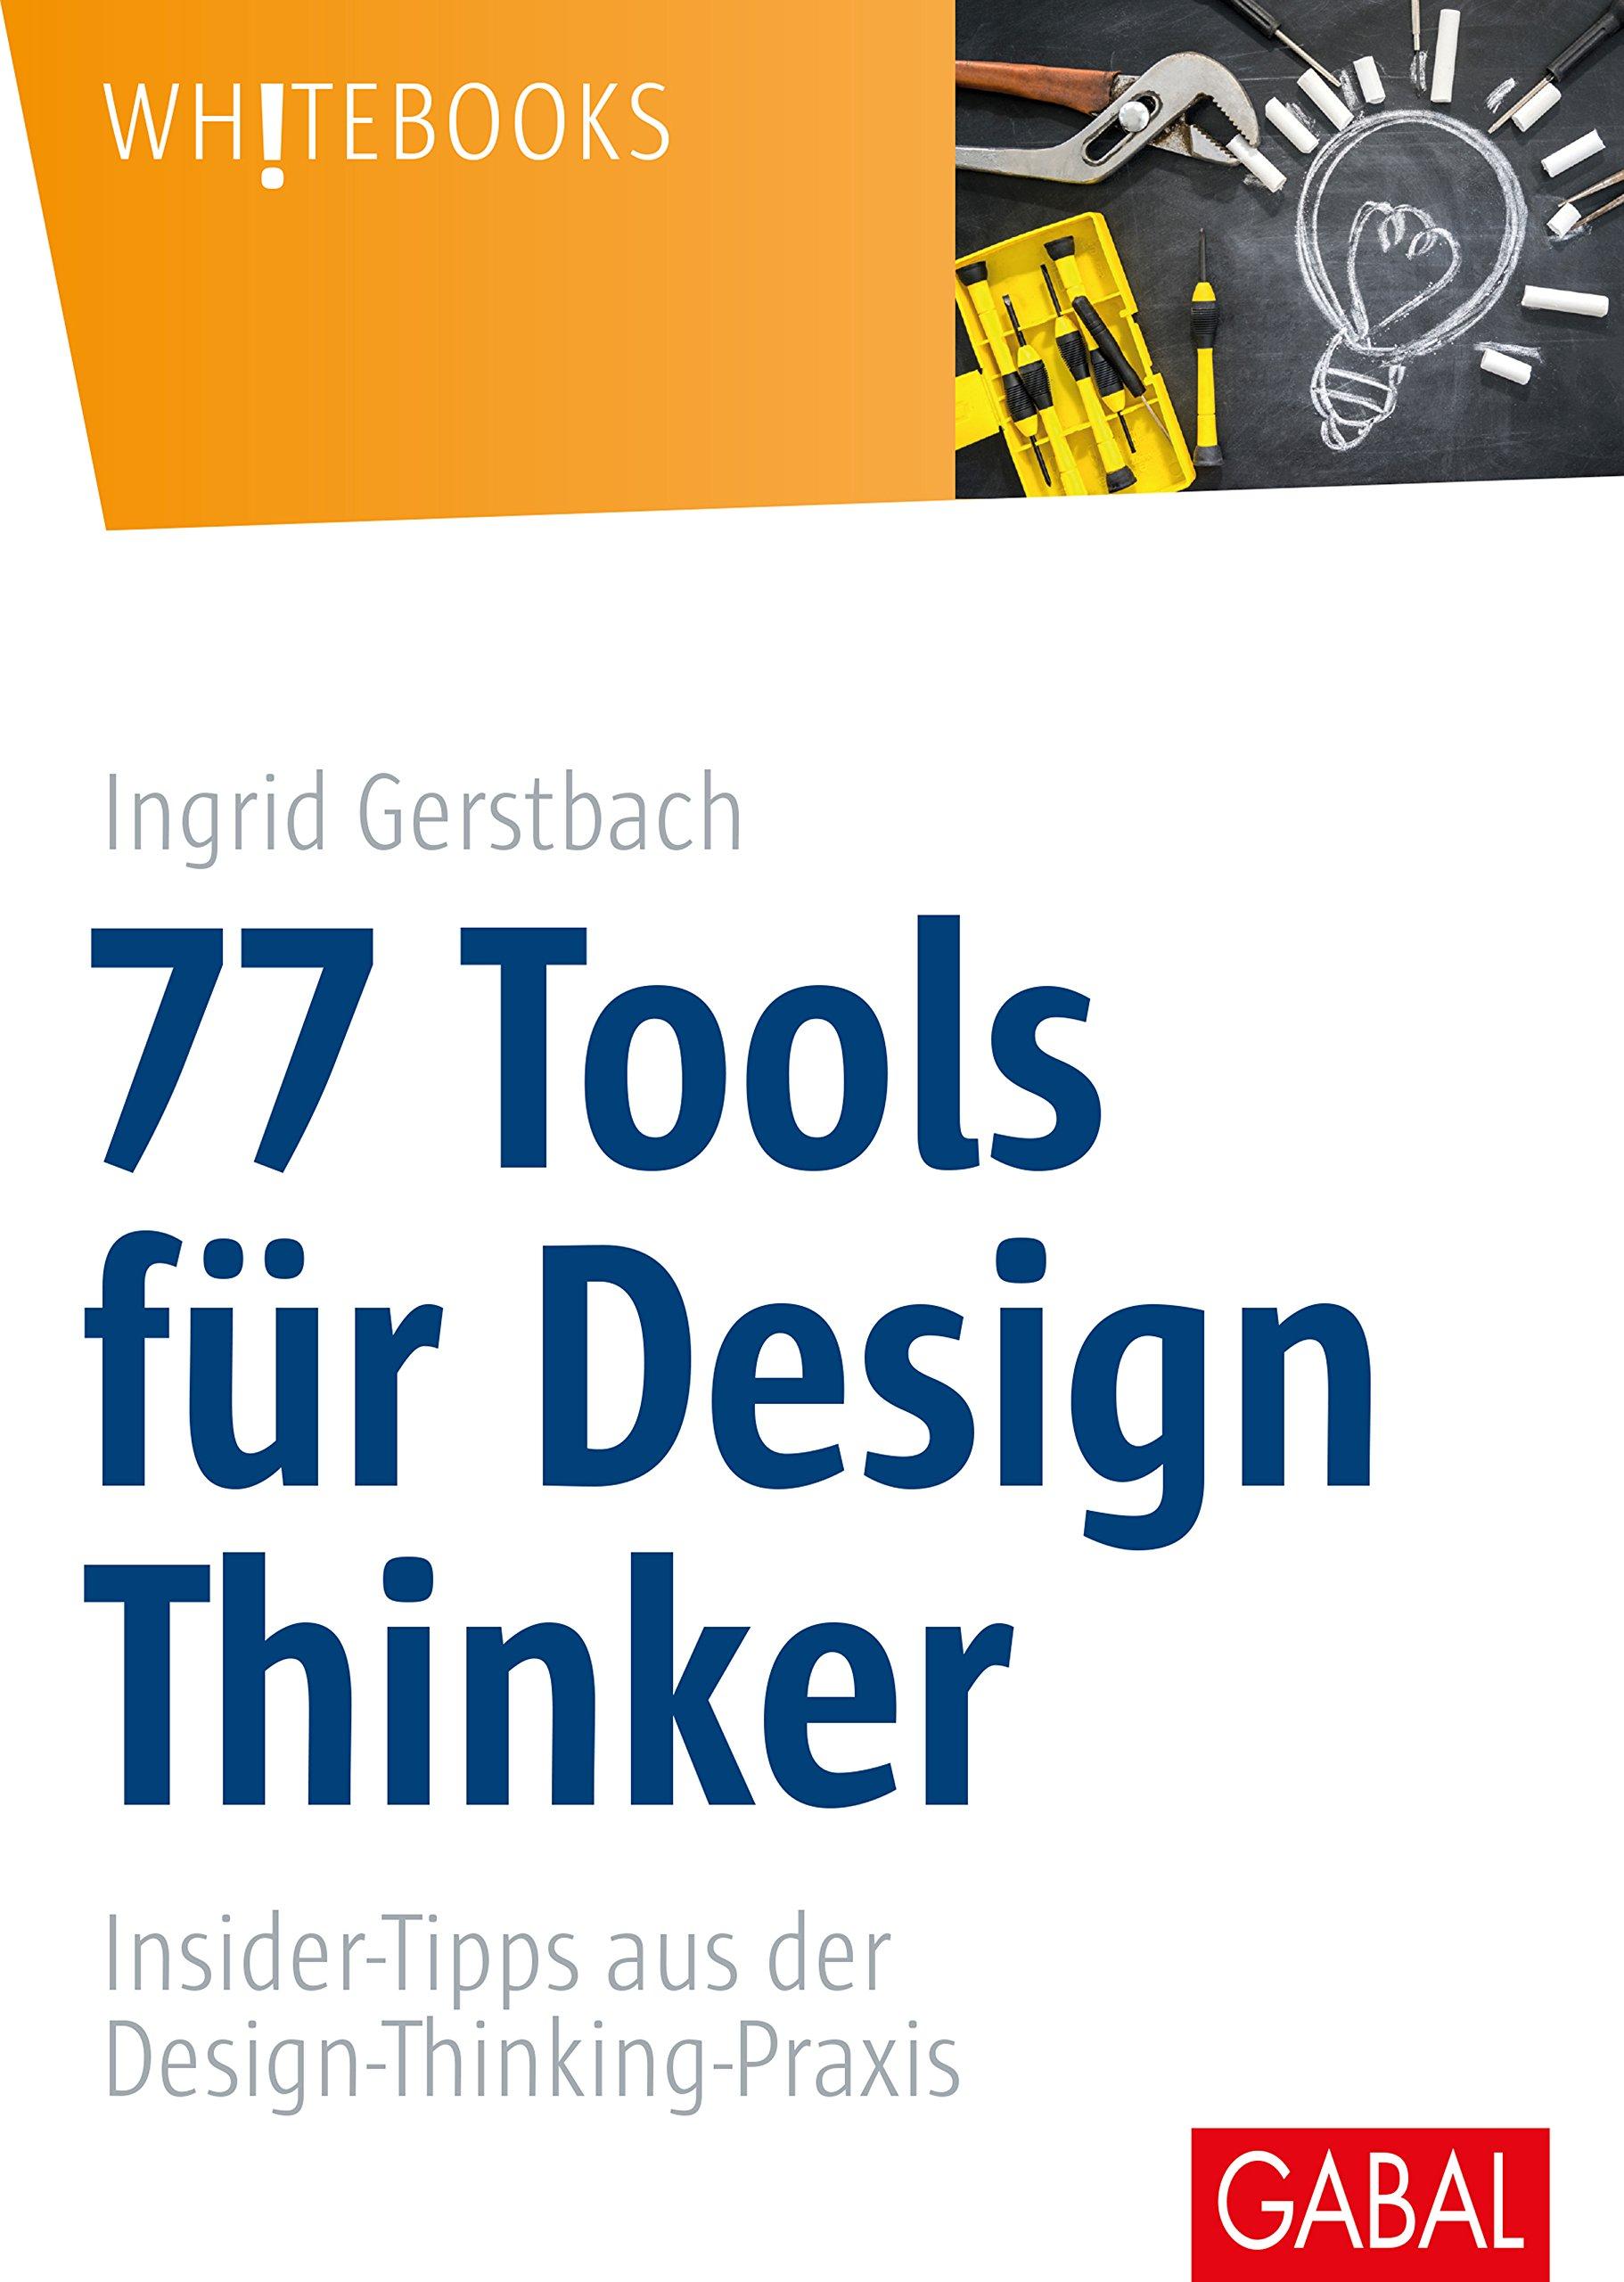 77 Tools Für Design Thinker  Insider Tipps Aus Der Design Thinking Praxis  Whitebooks